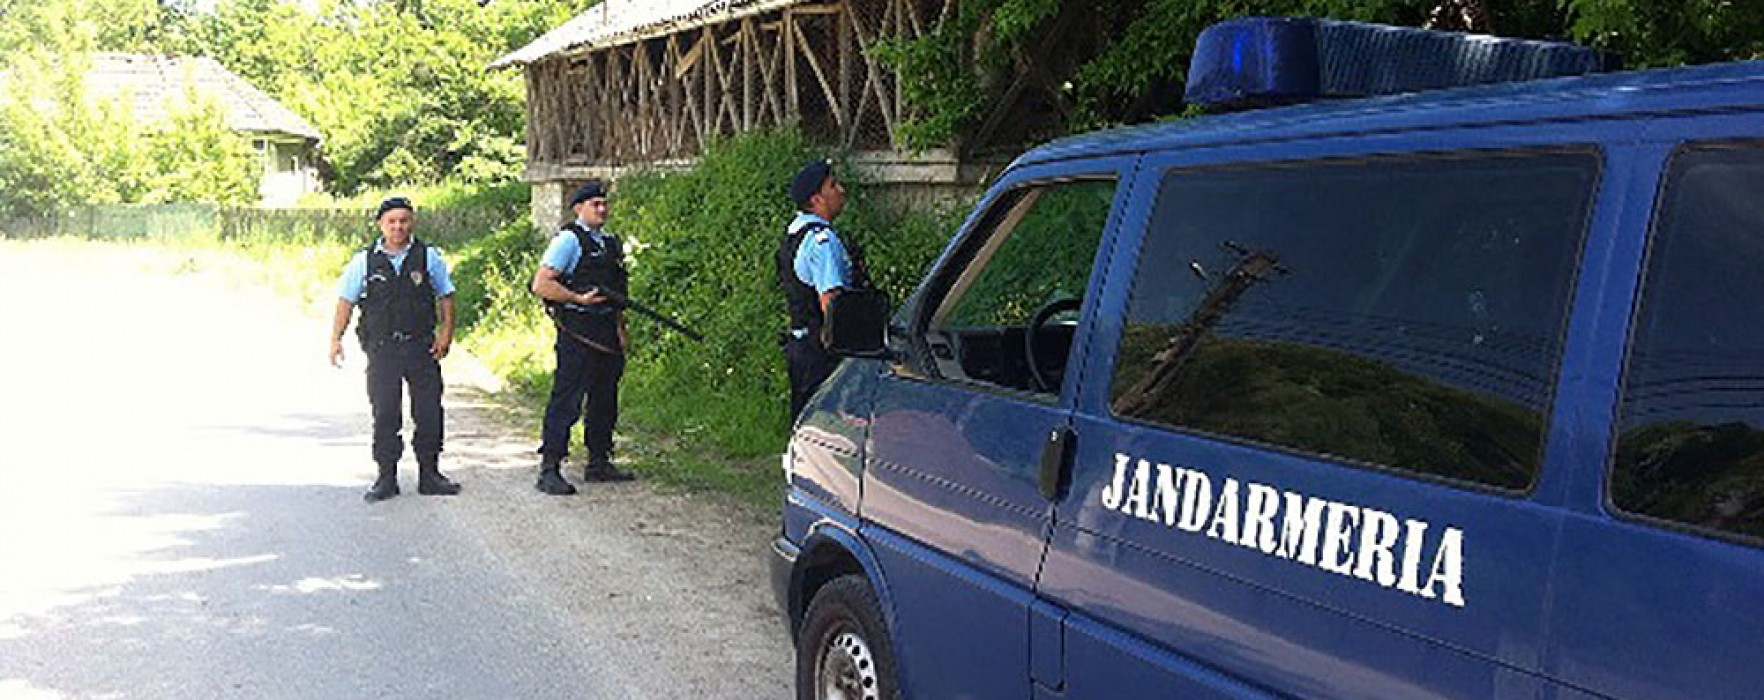 Dâmboviţa: Comună păzită de jandarmi, după ce un urs a intrat într-o gospodărie